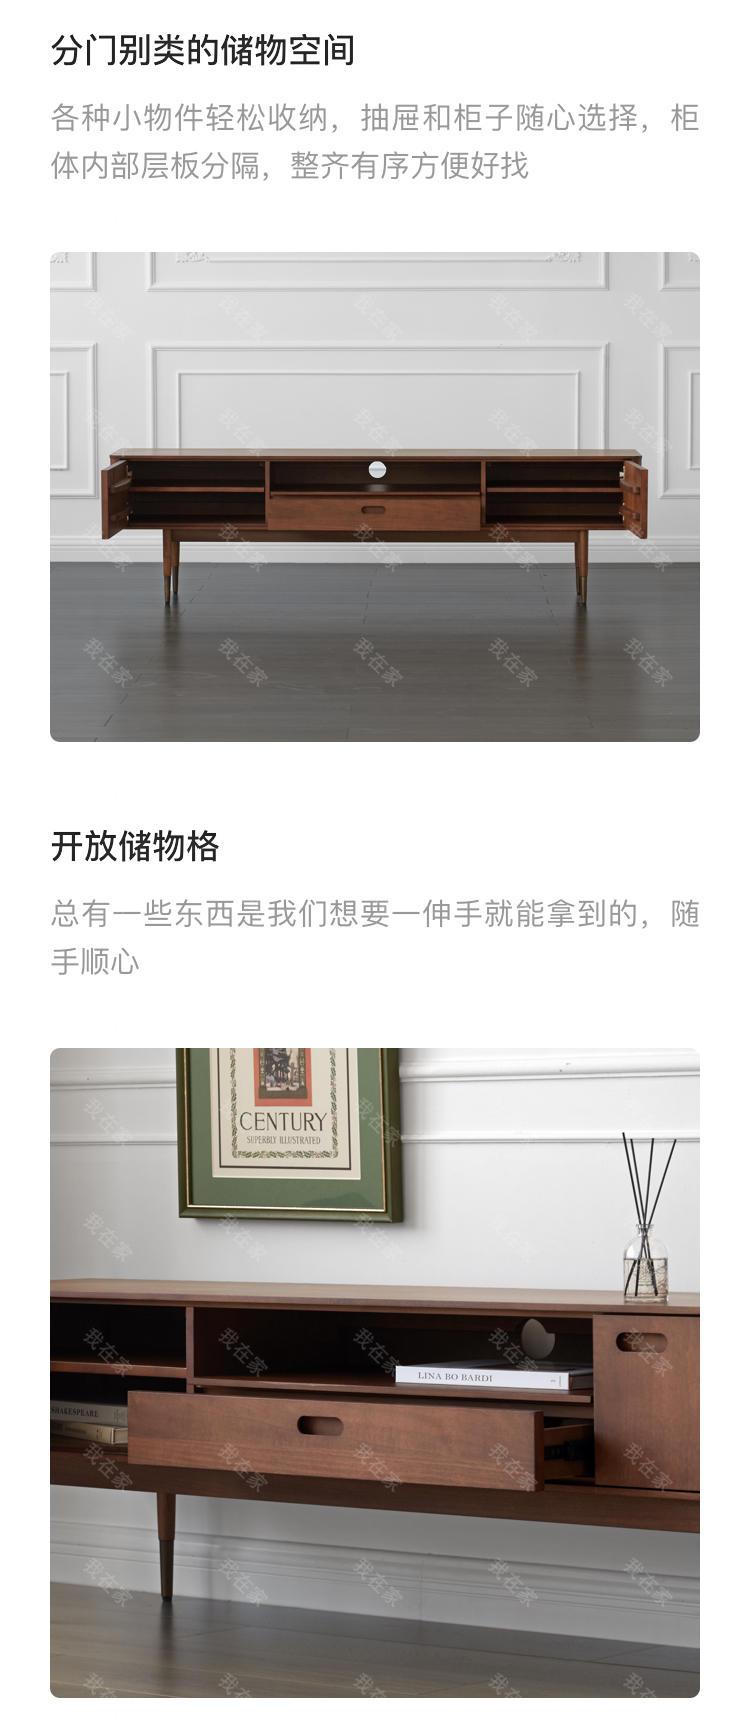 中古风风格马德里电视柜的家具详细介绍